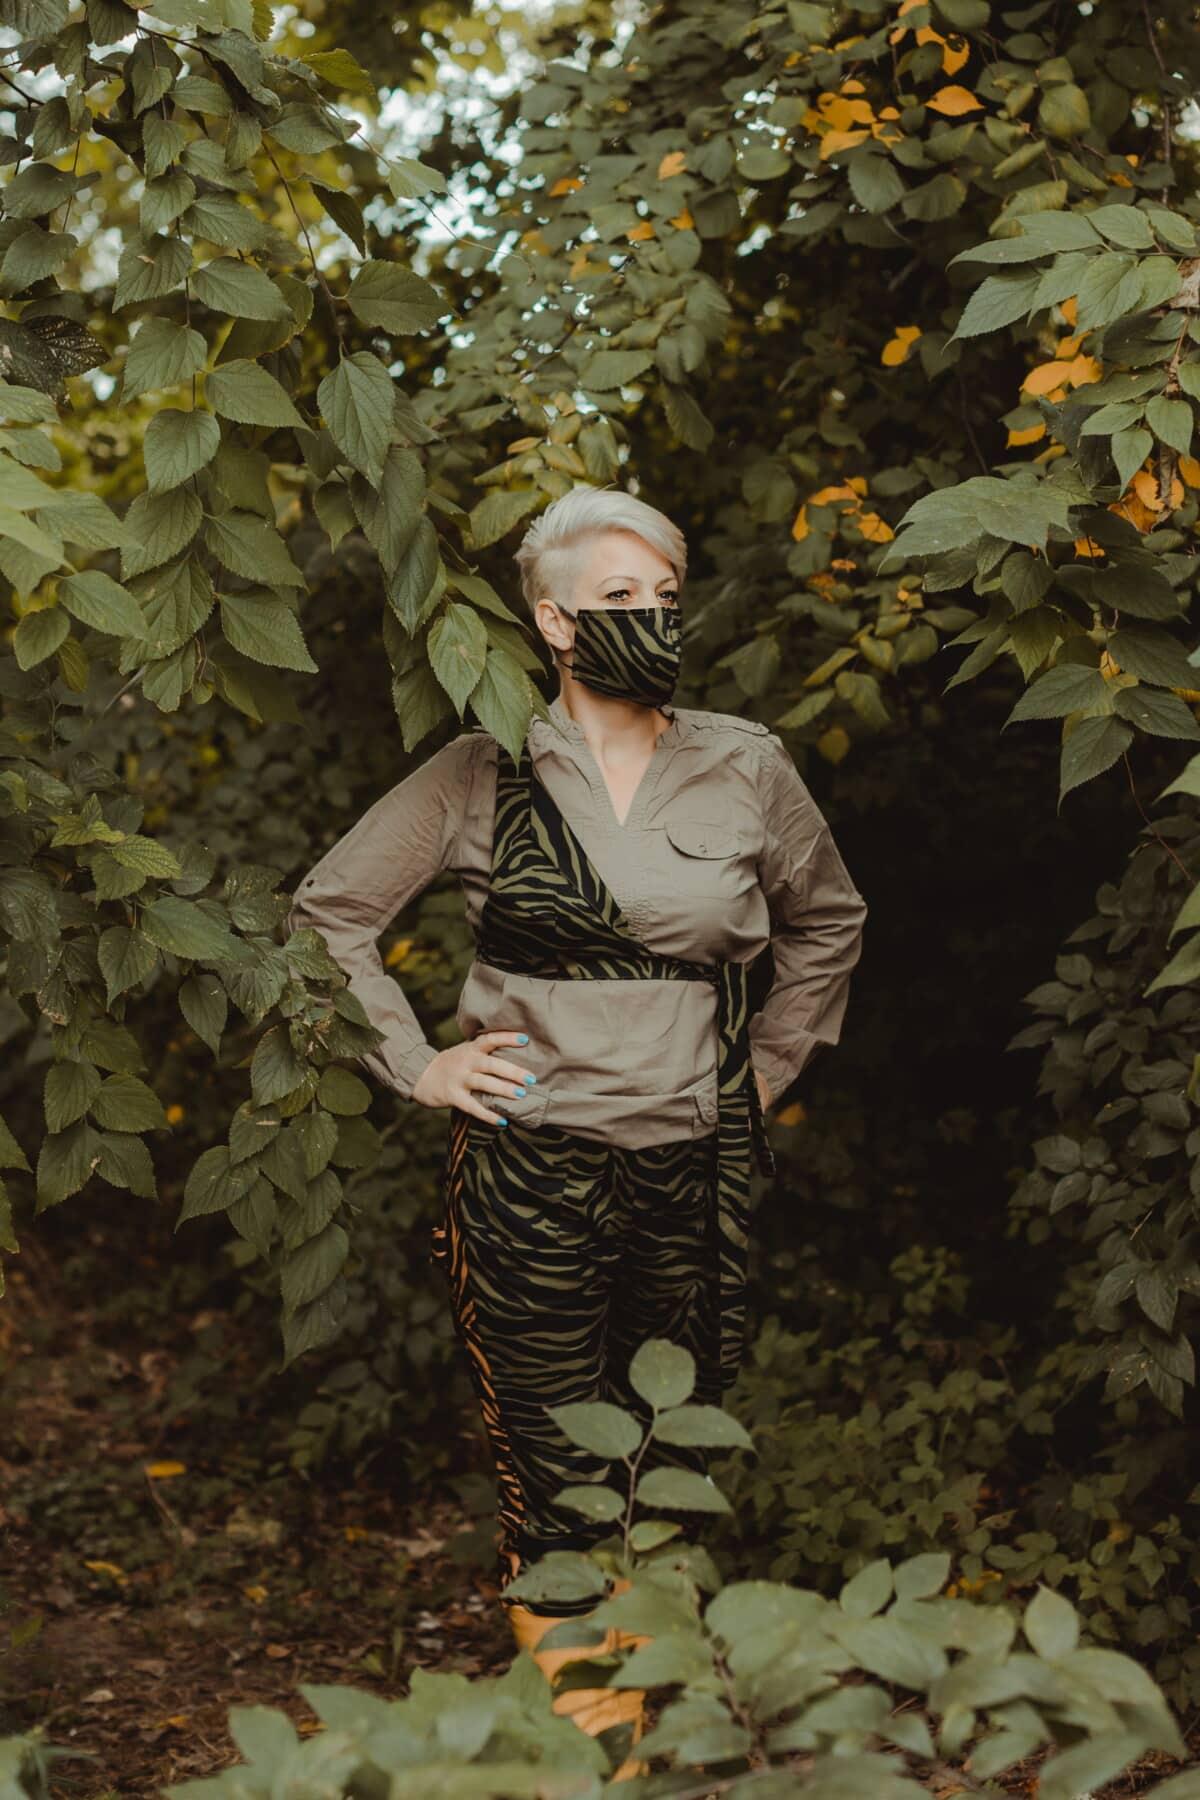 camouflage, mode, conception, masque visage, décontractée, confortable, arbre, feuille, modèle, art